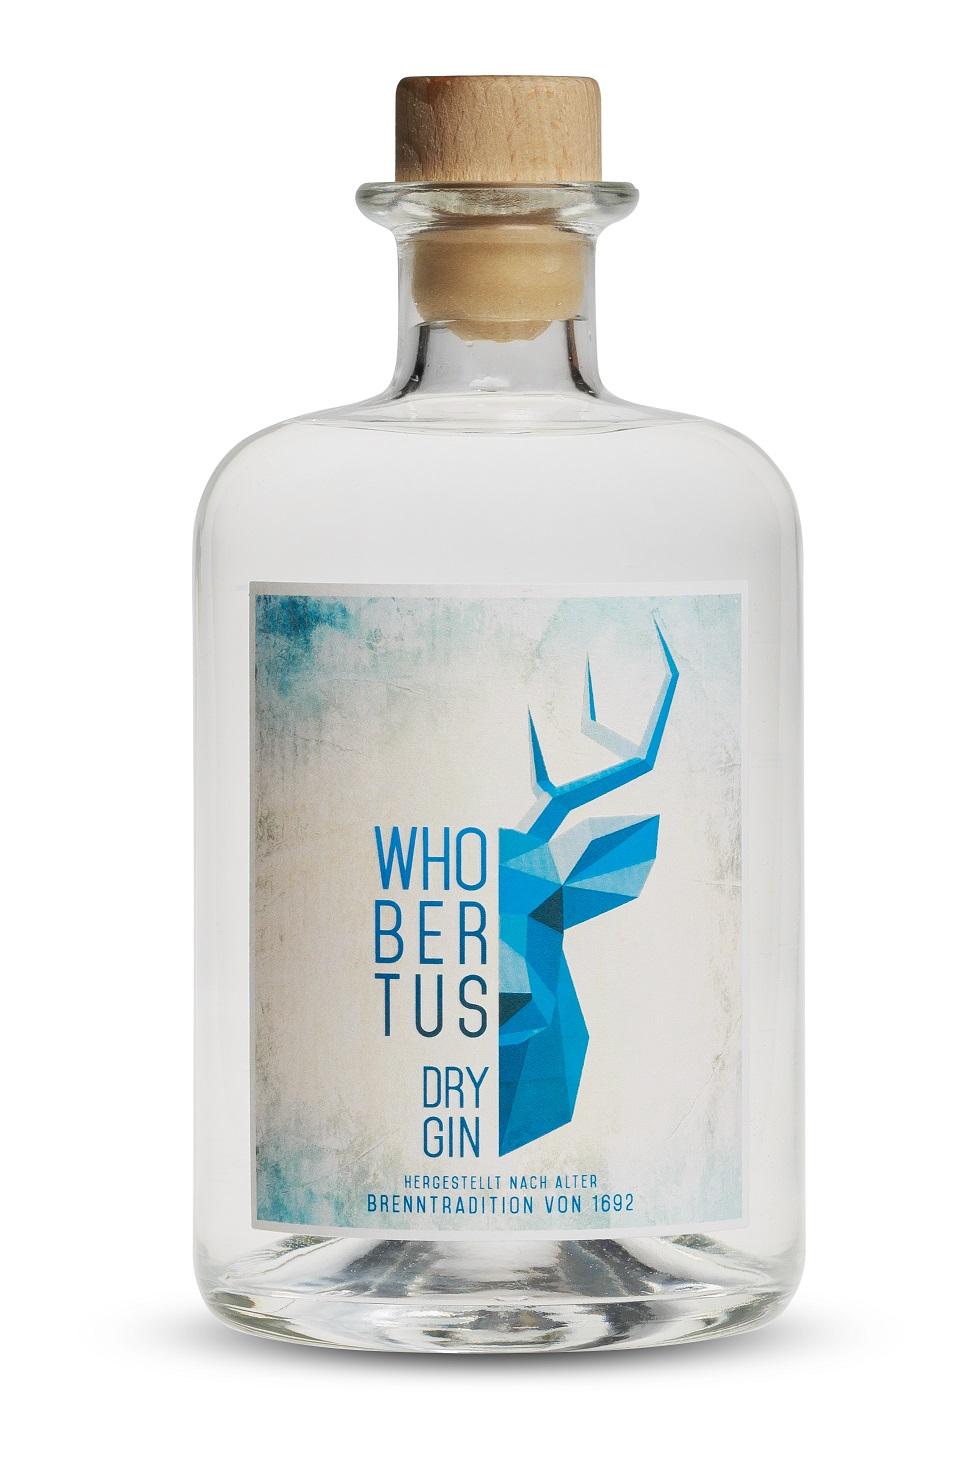 Whobertus Dry Gin